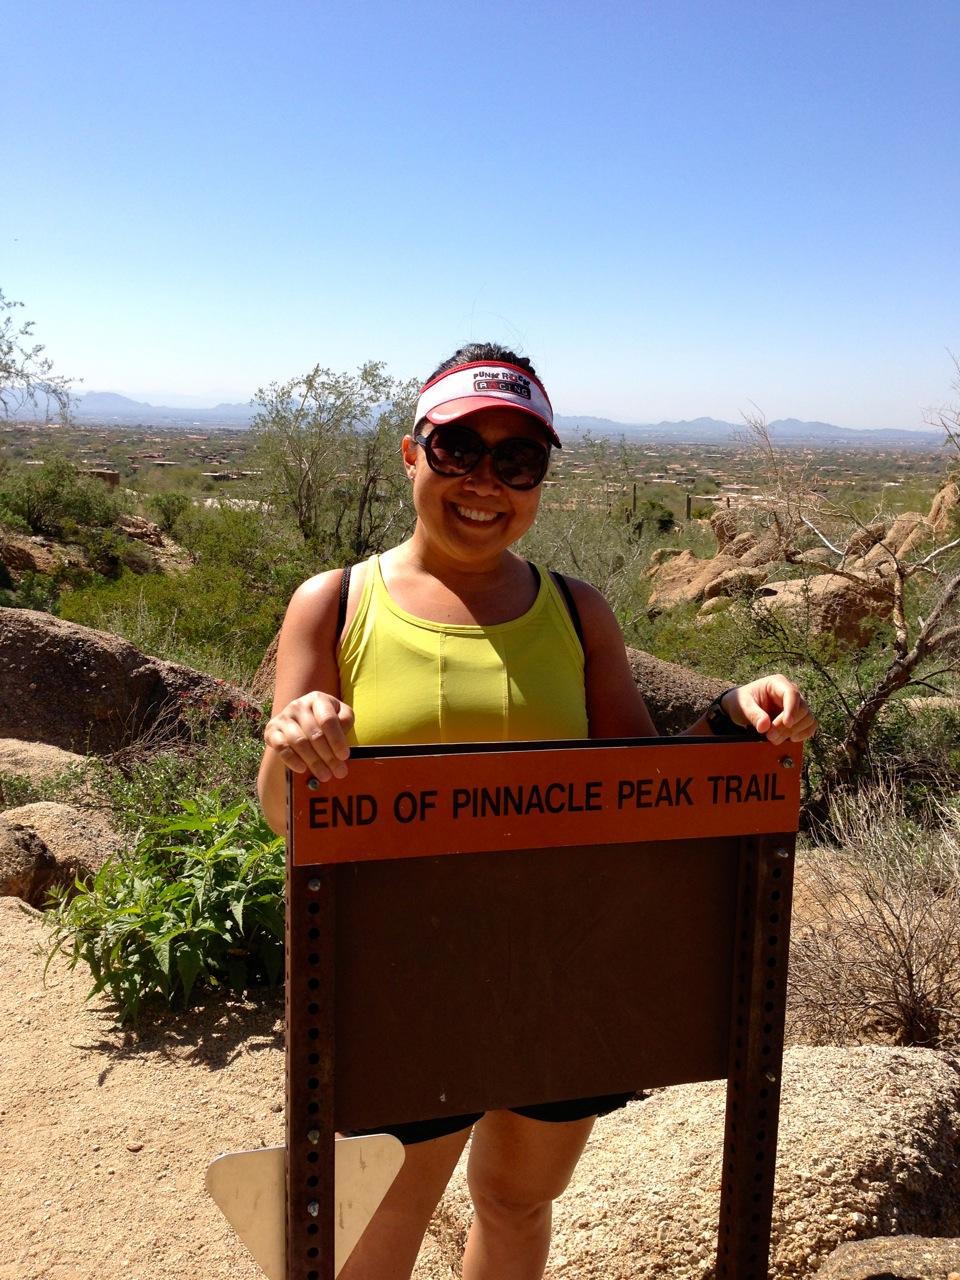 The end of Pinnacle Peak trail